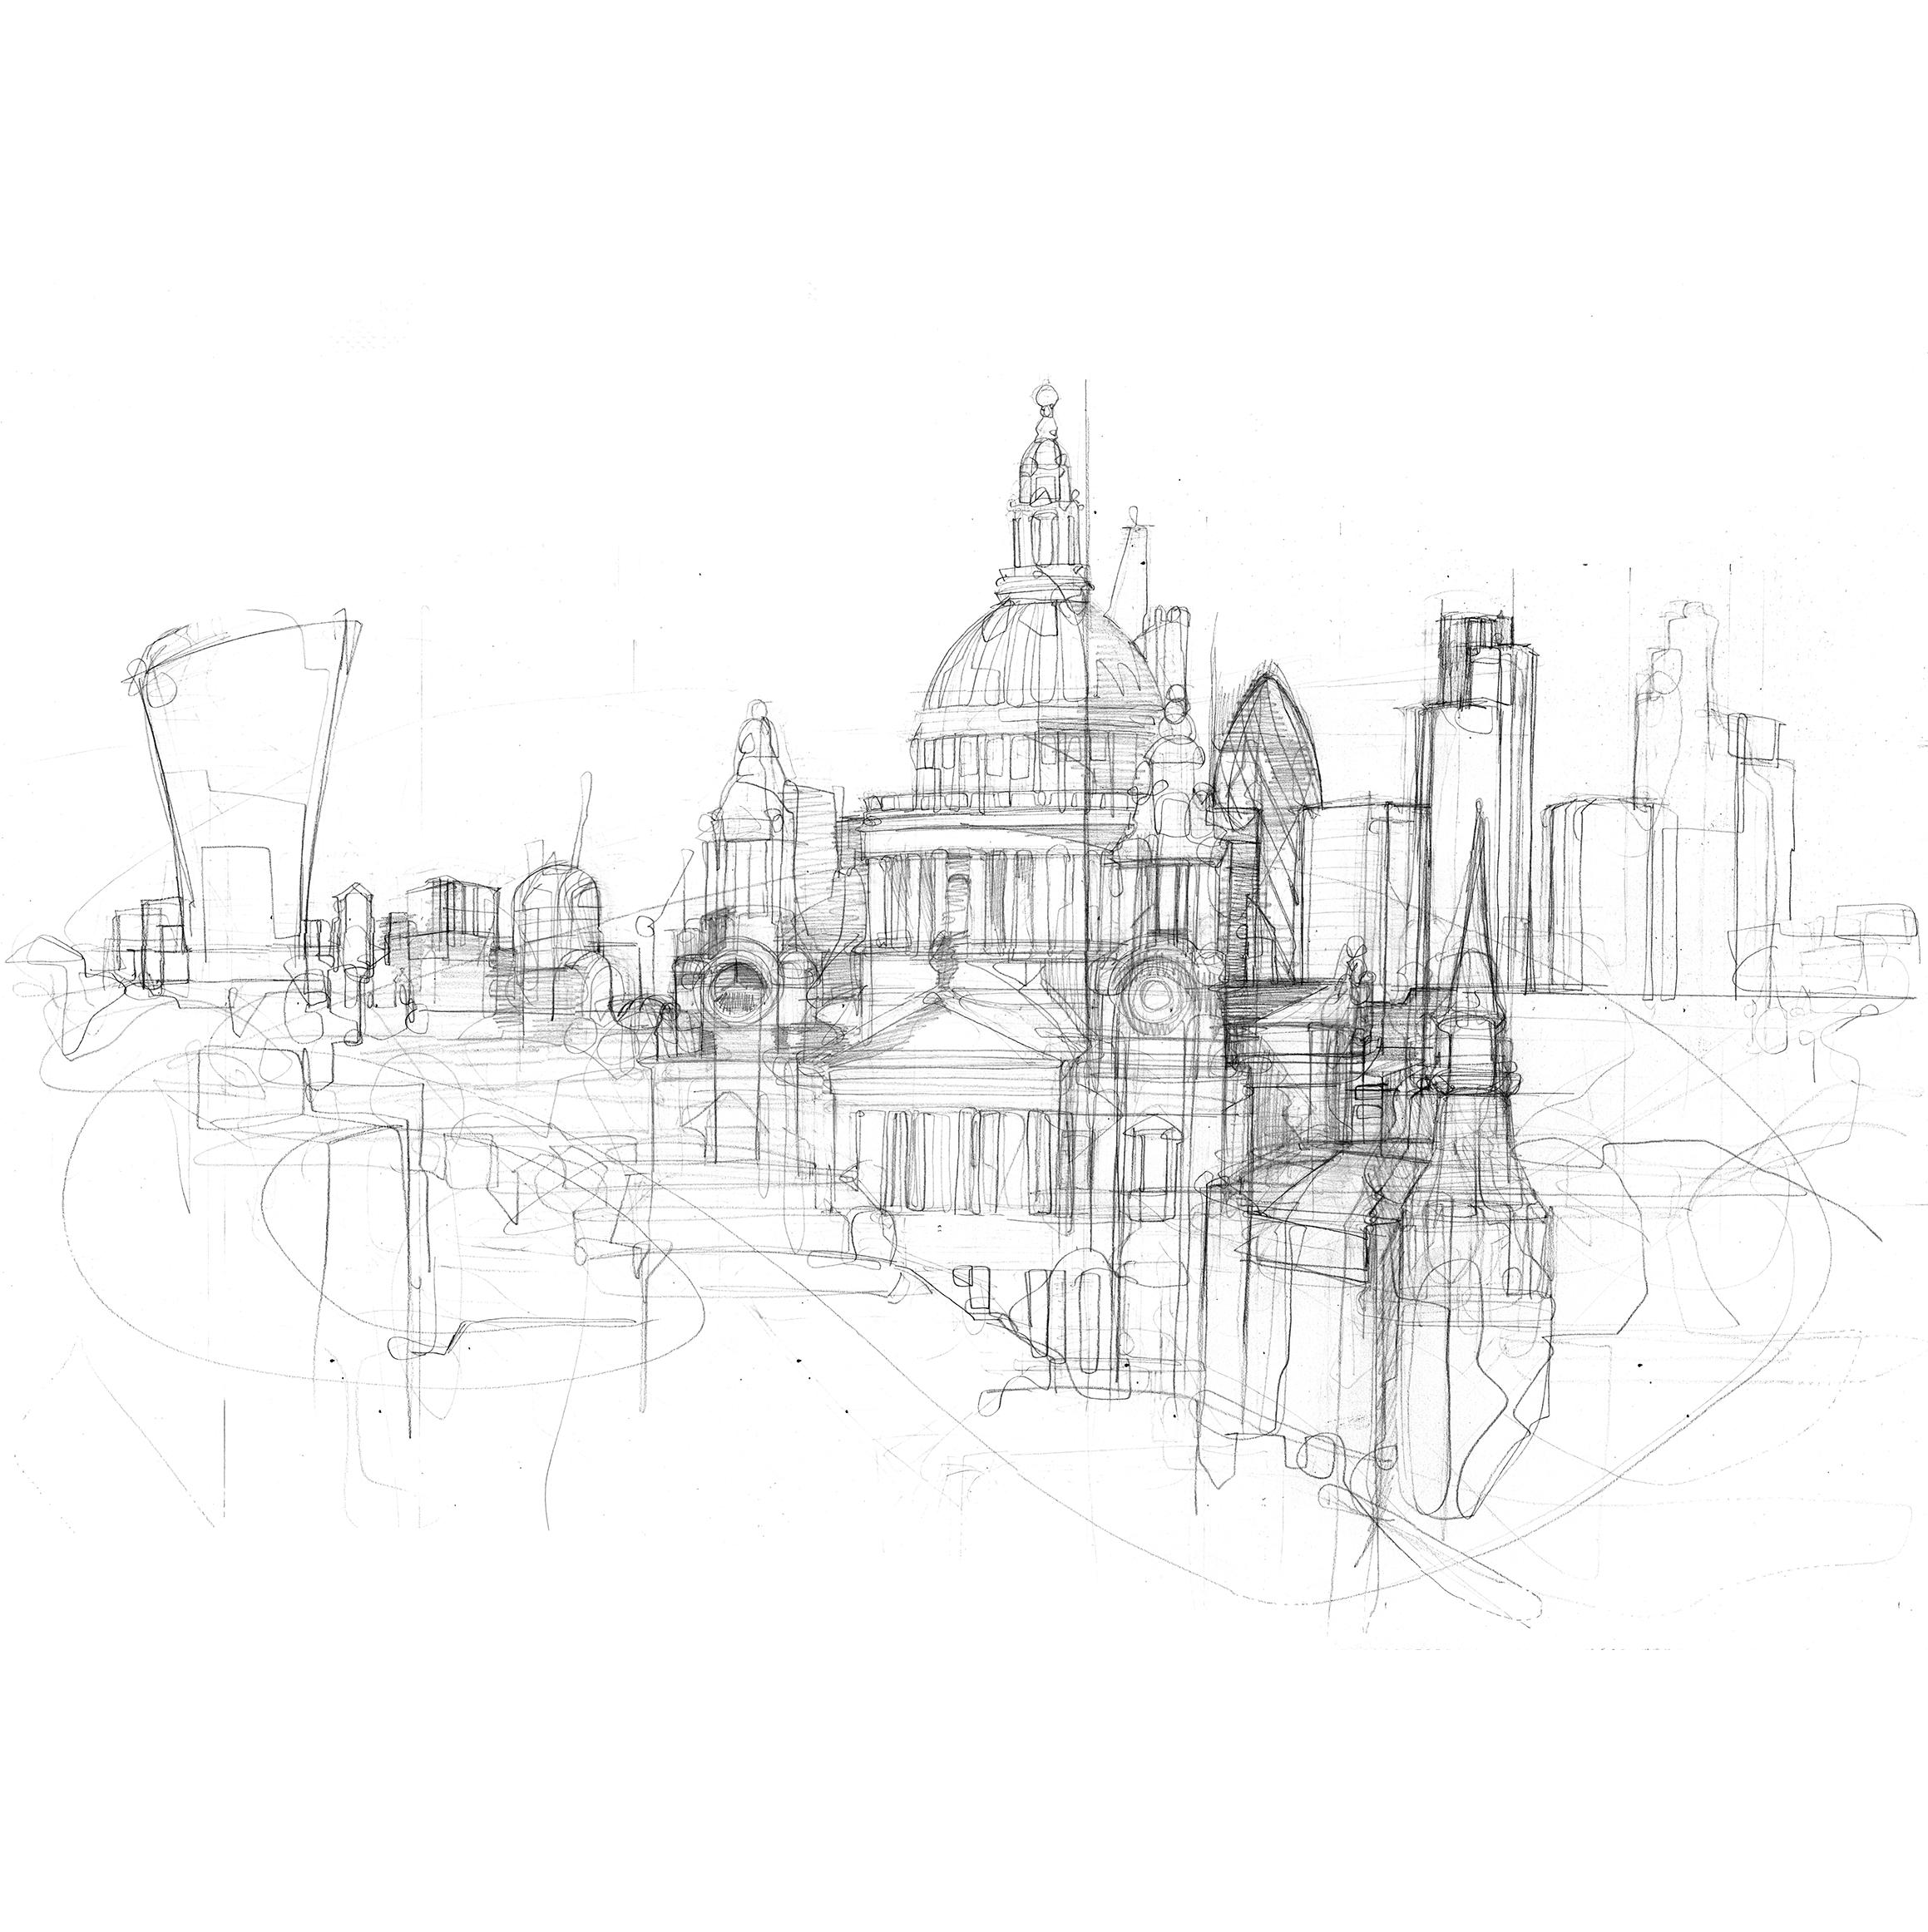 london sketch 2.jpg